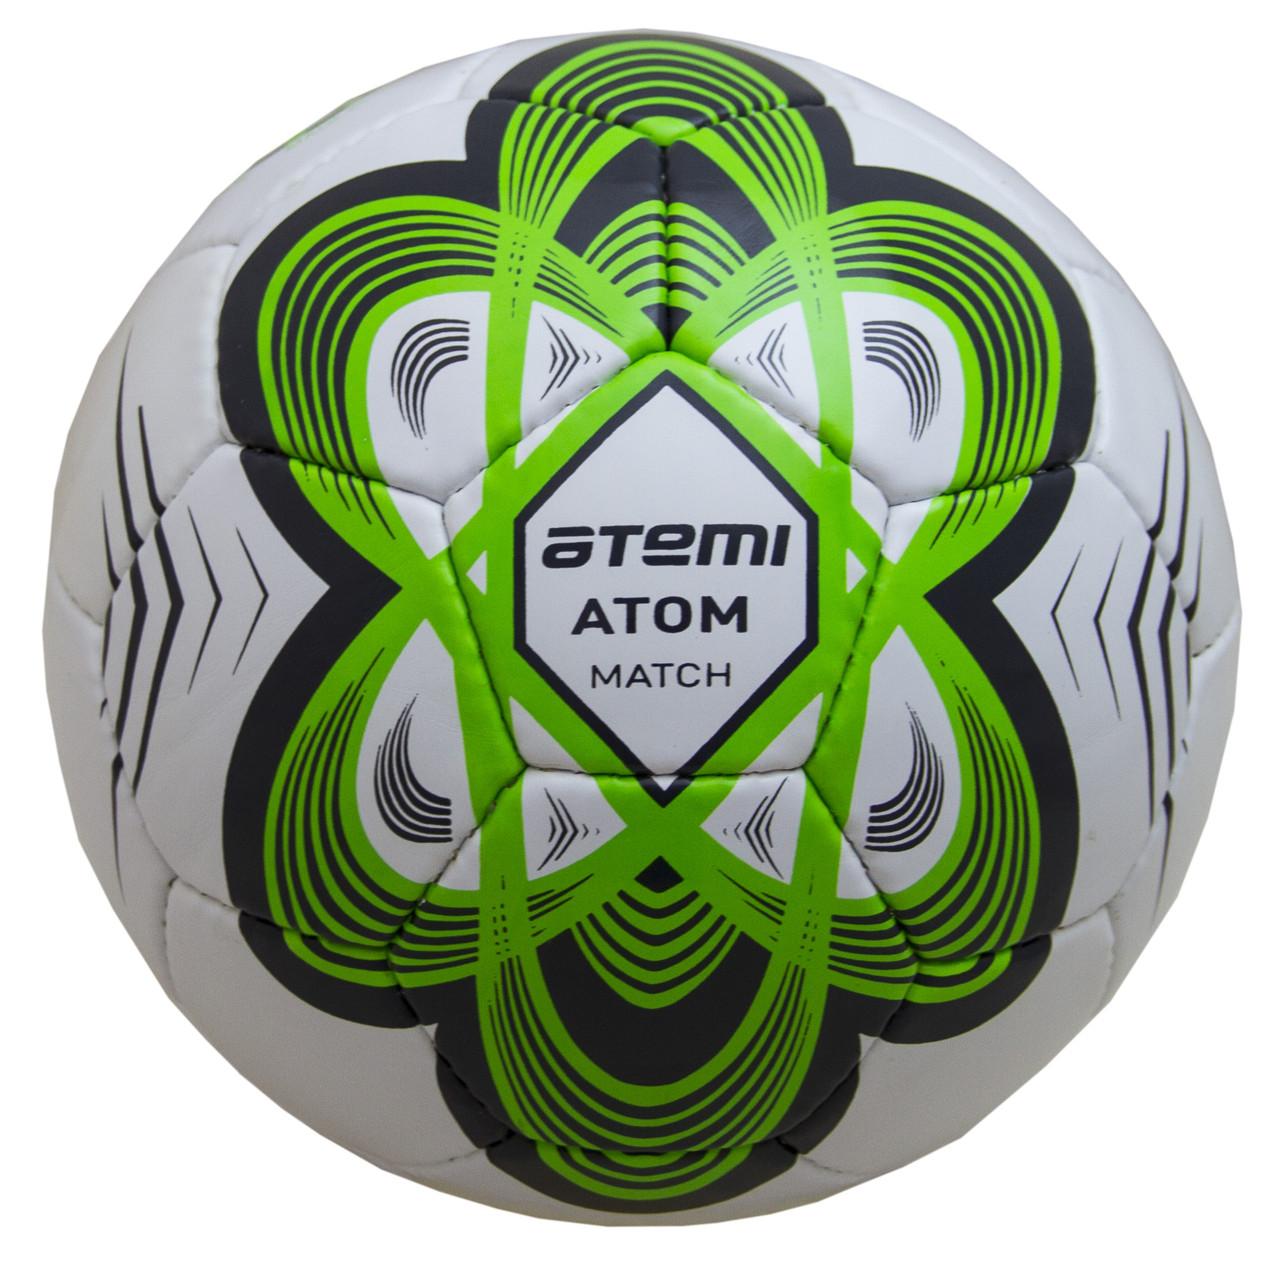 Мяч футбольный Atemi ATOM, PU, зеленый, р.5